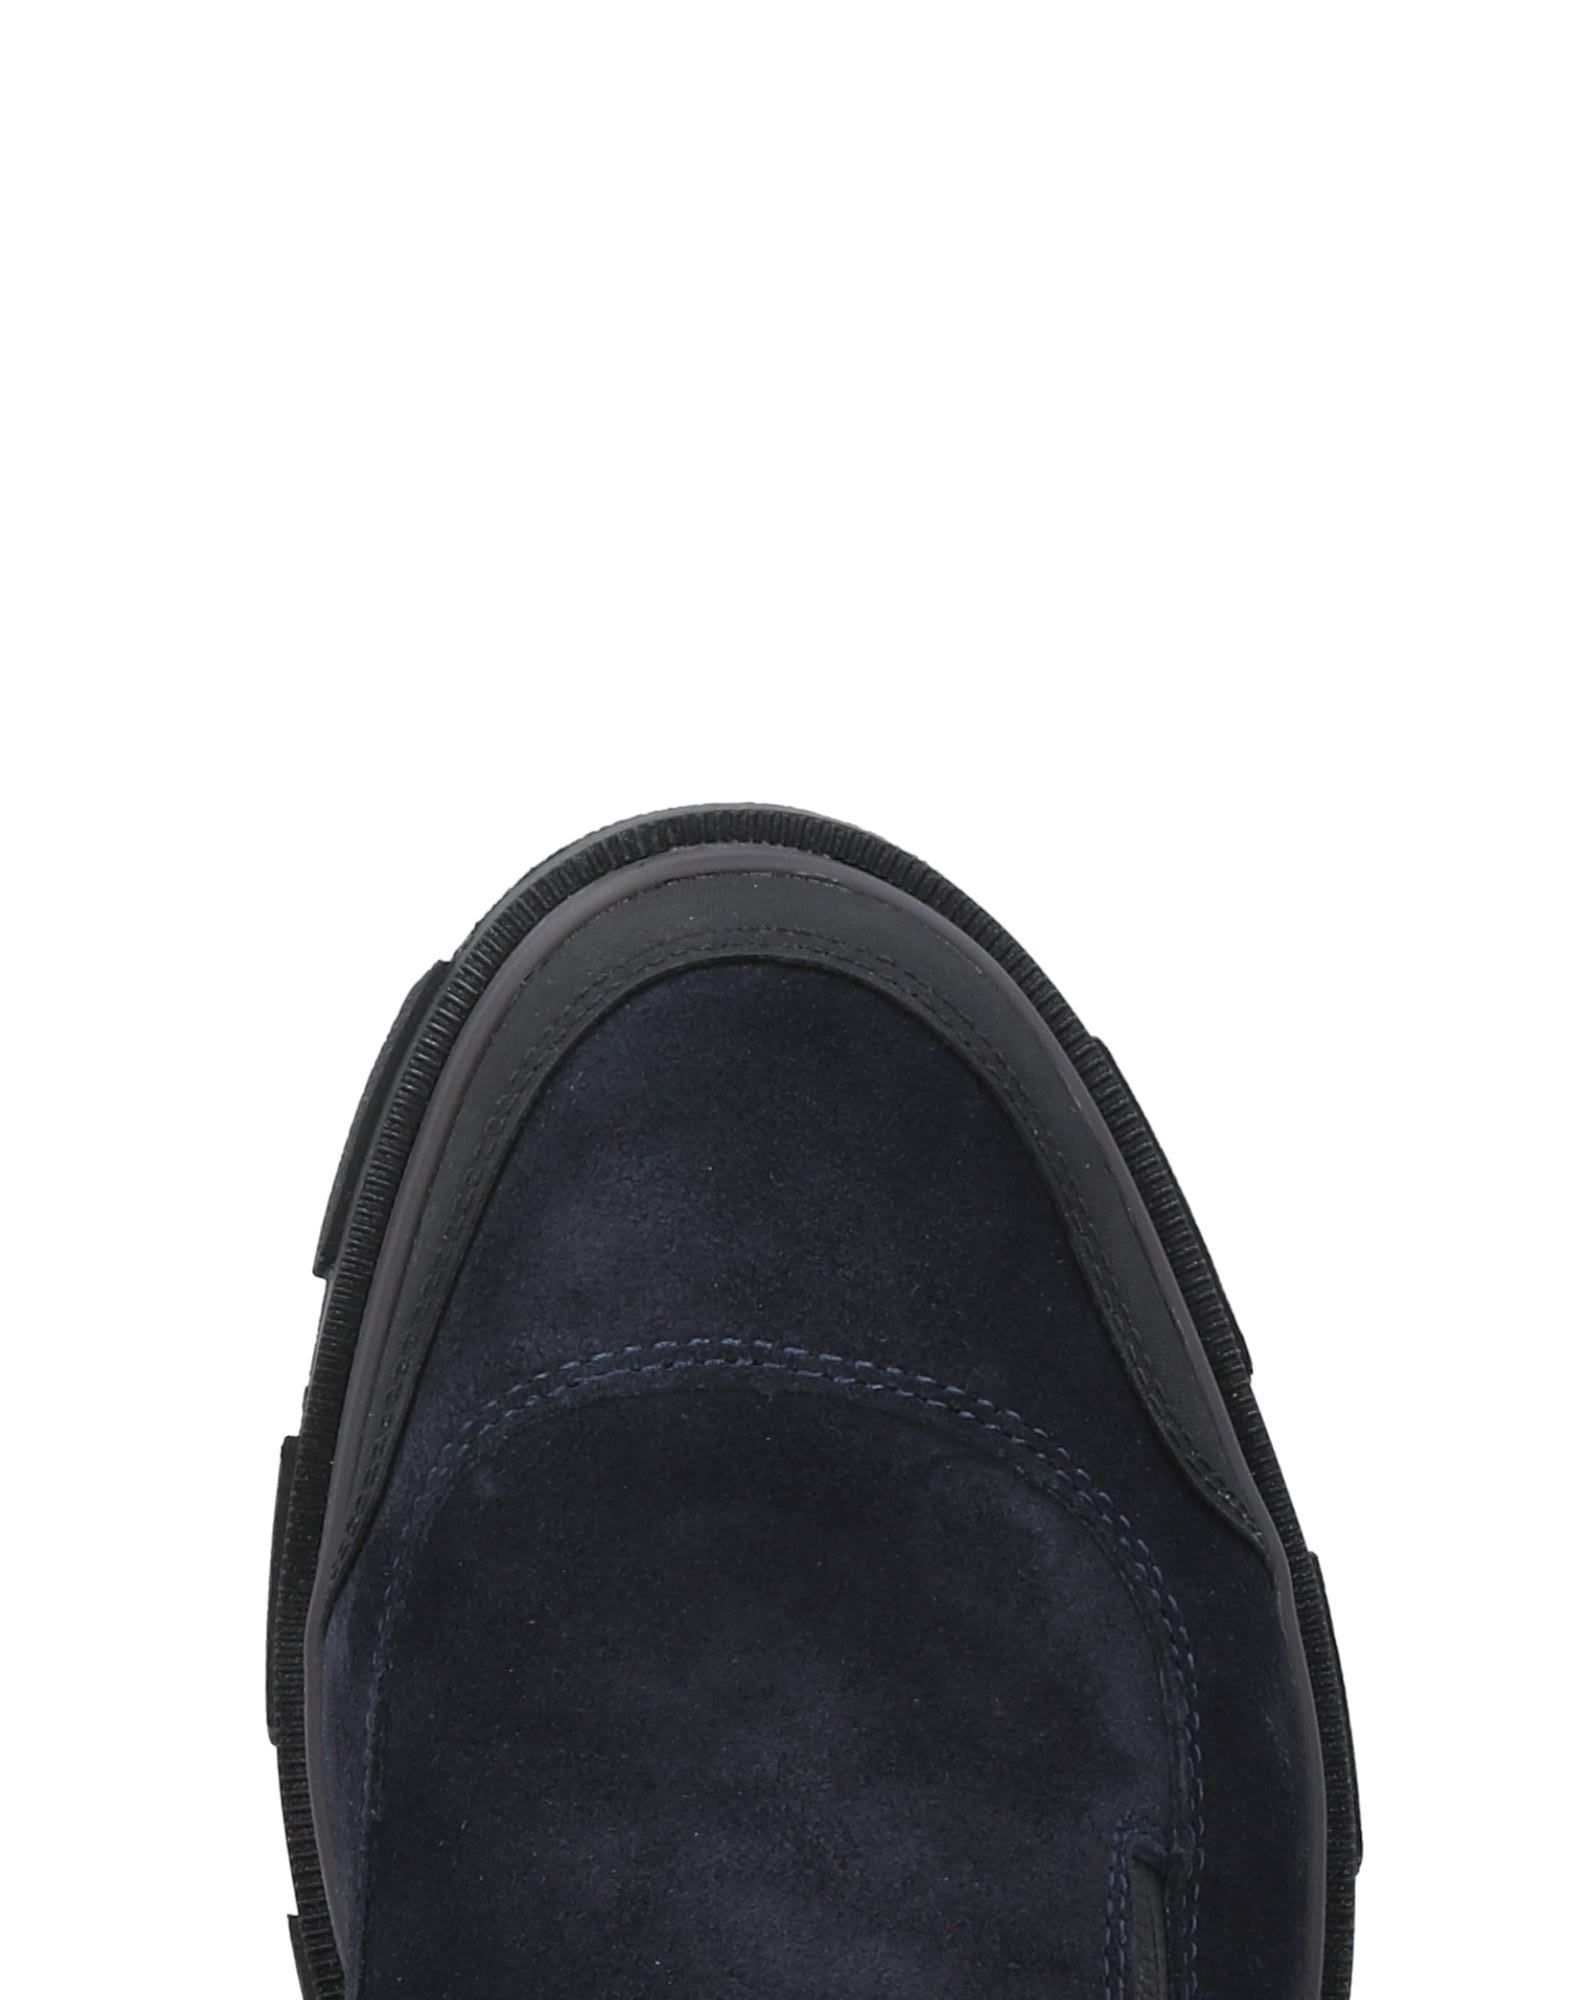 Swims Sneakers Herren   Herren 11483783OV 172845